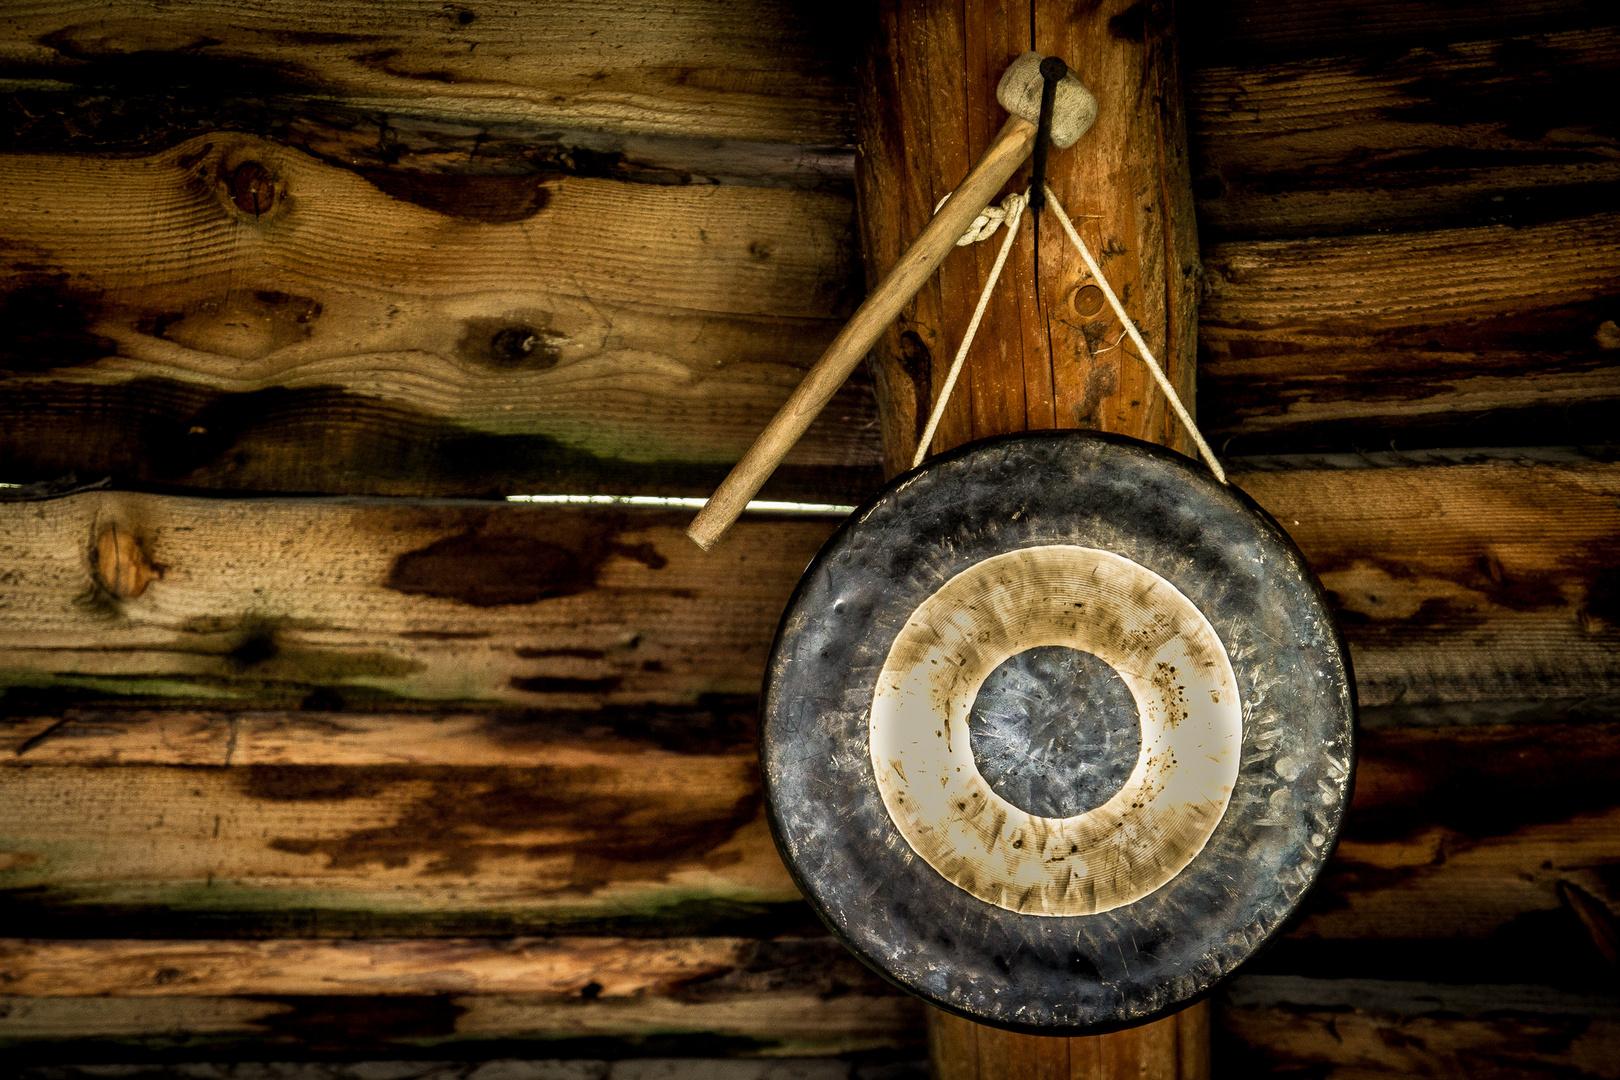 Der Gong